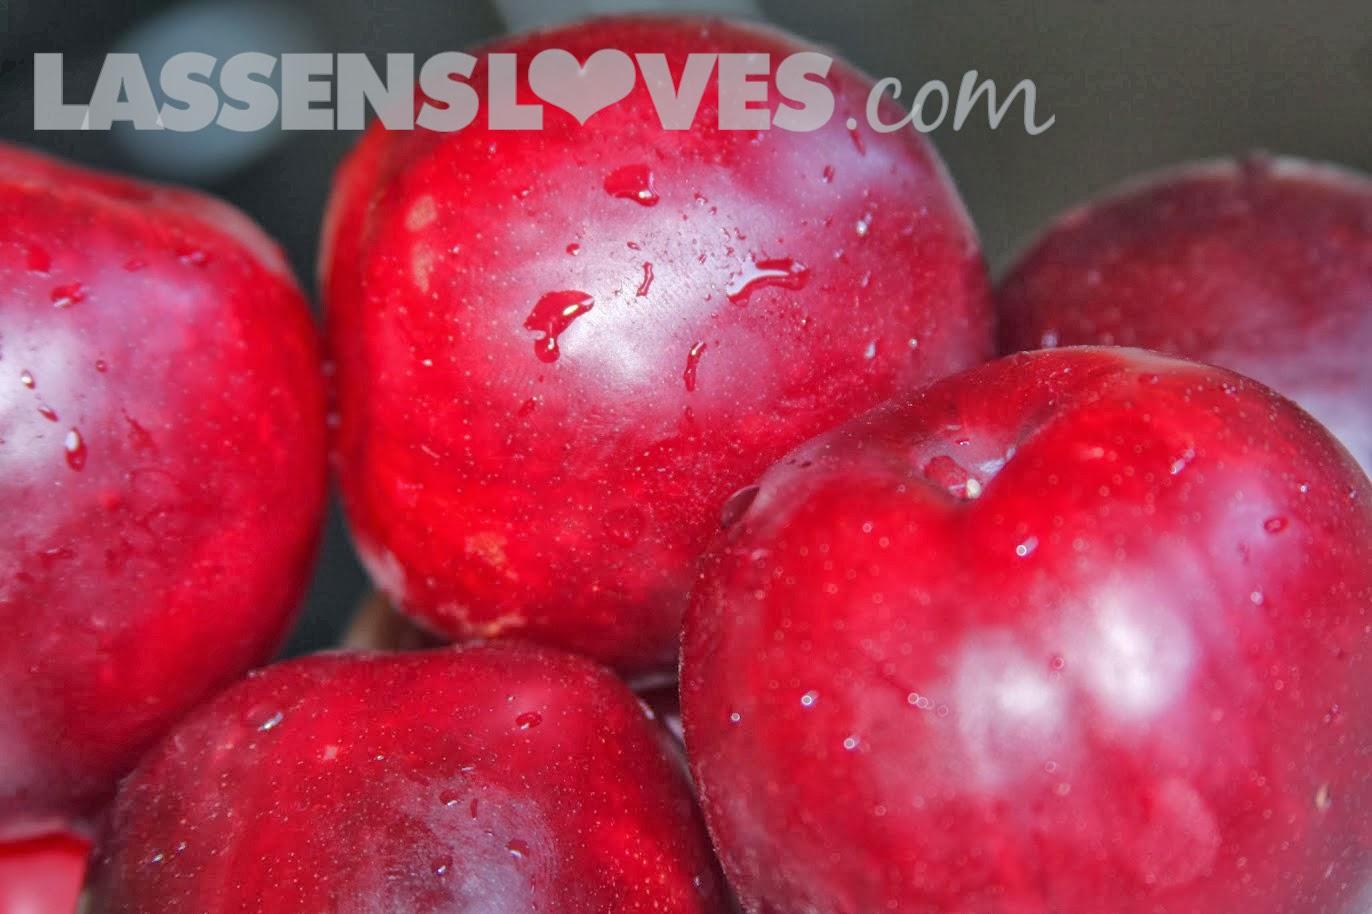 lassensloves.com, Lassen's, Lassens, spiced+baked+plums